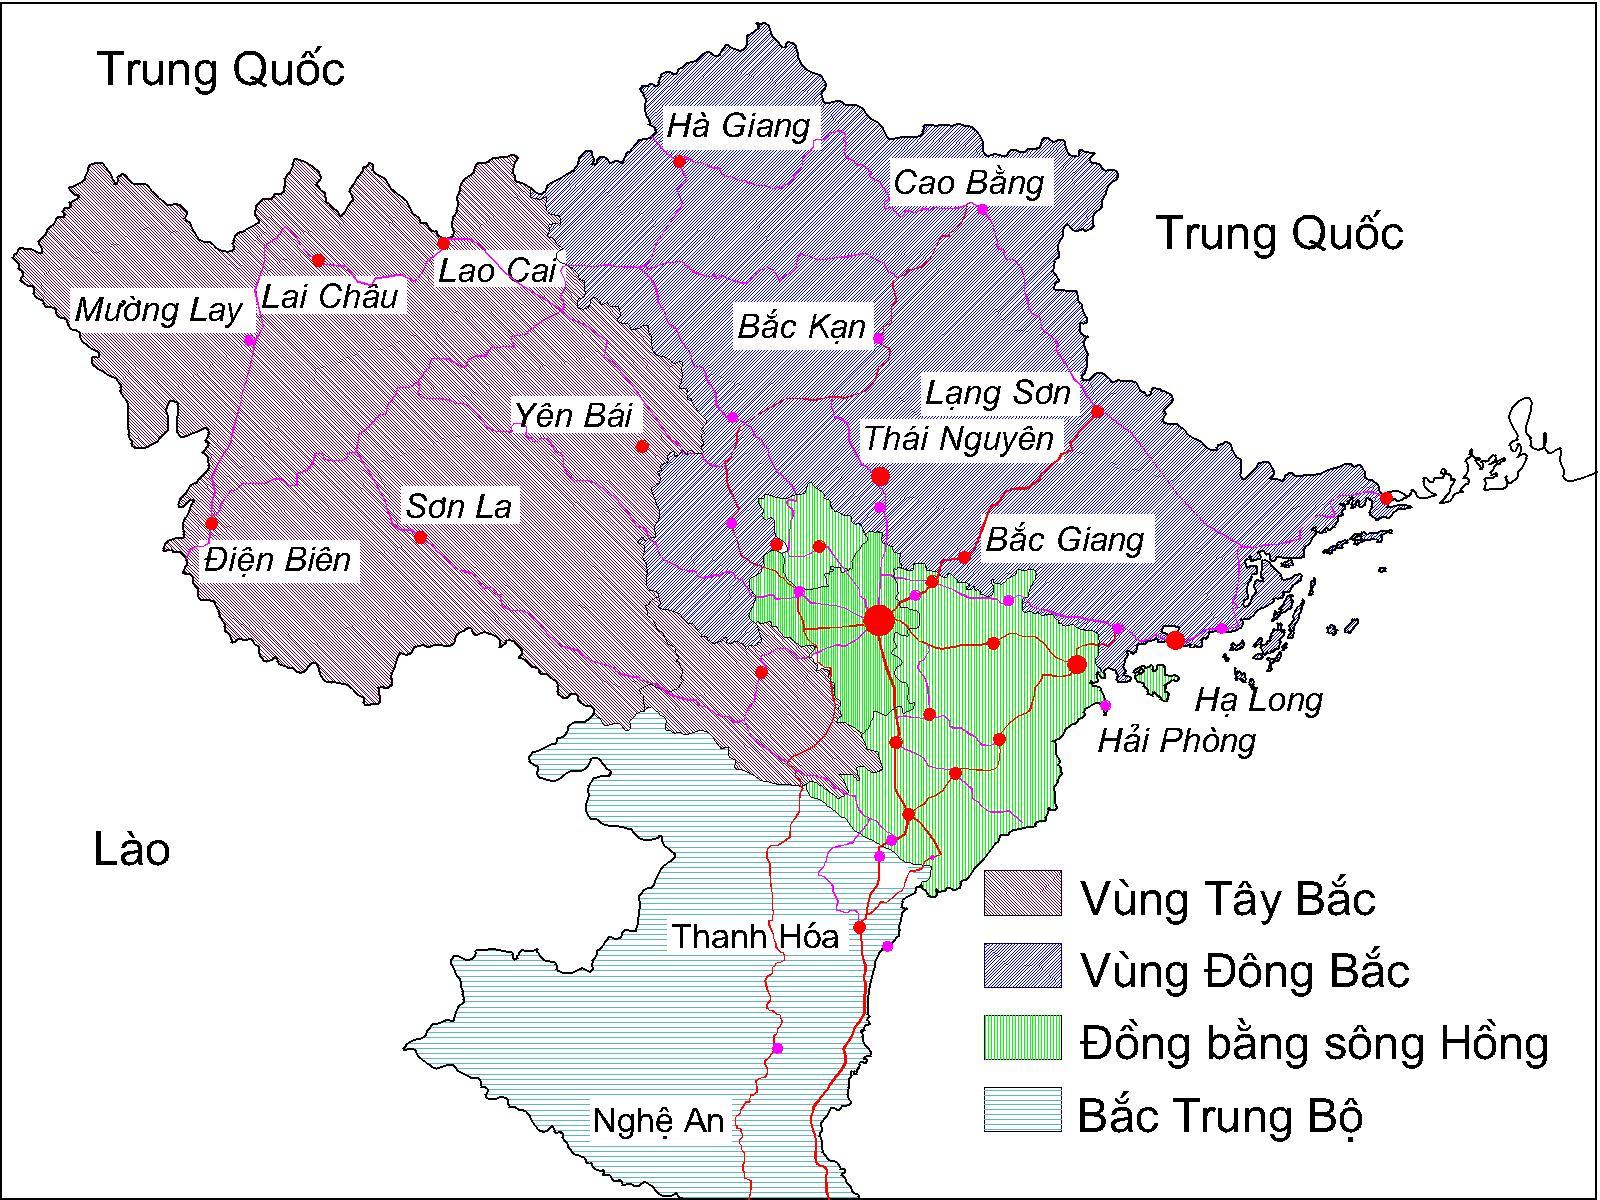 Bắc Bộ Wikipedia Tiếng Việt